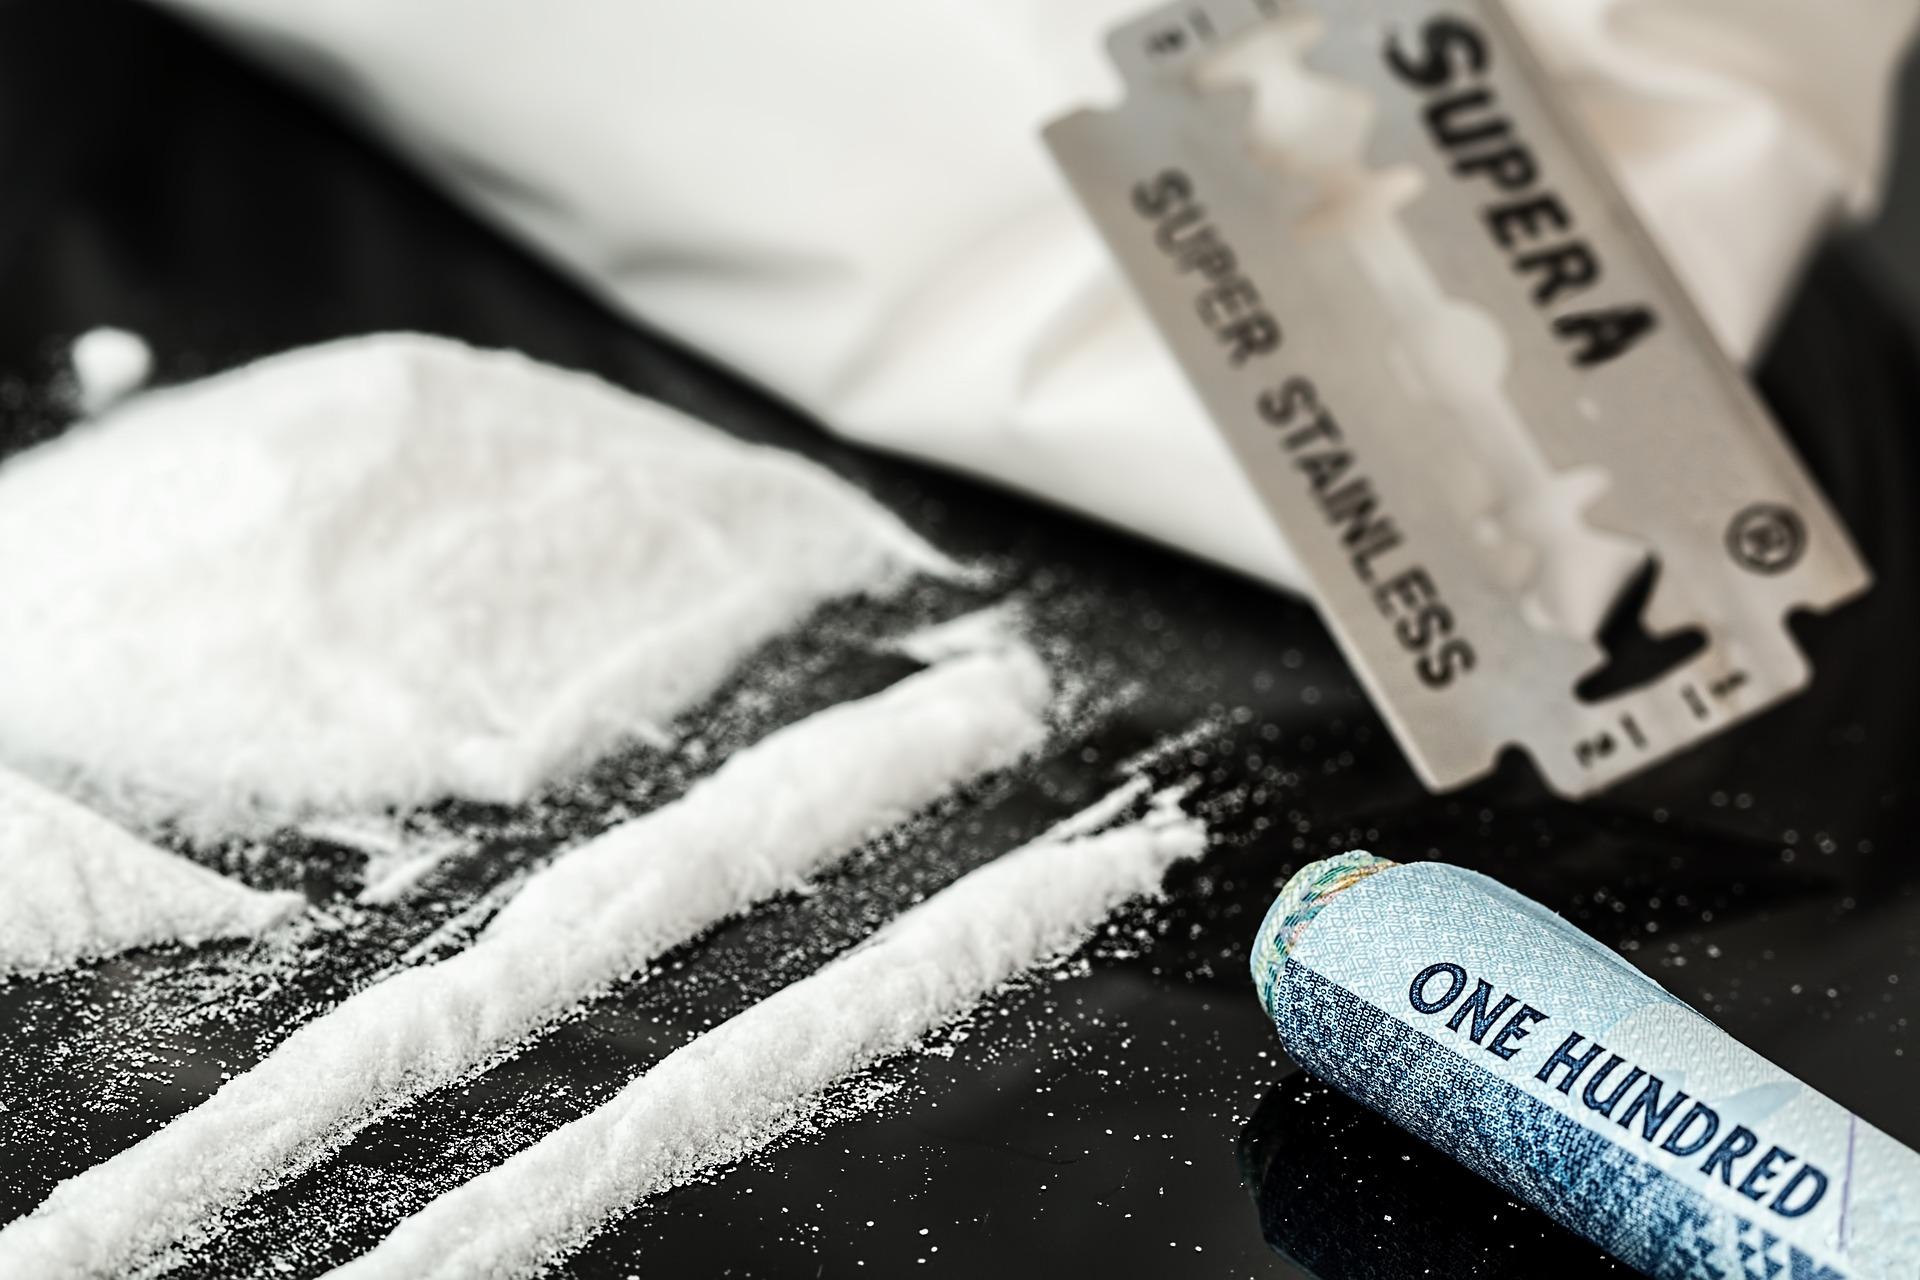 краснодарский край лечение от наркомании